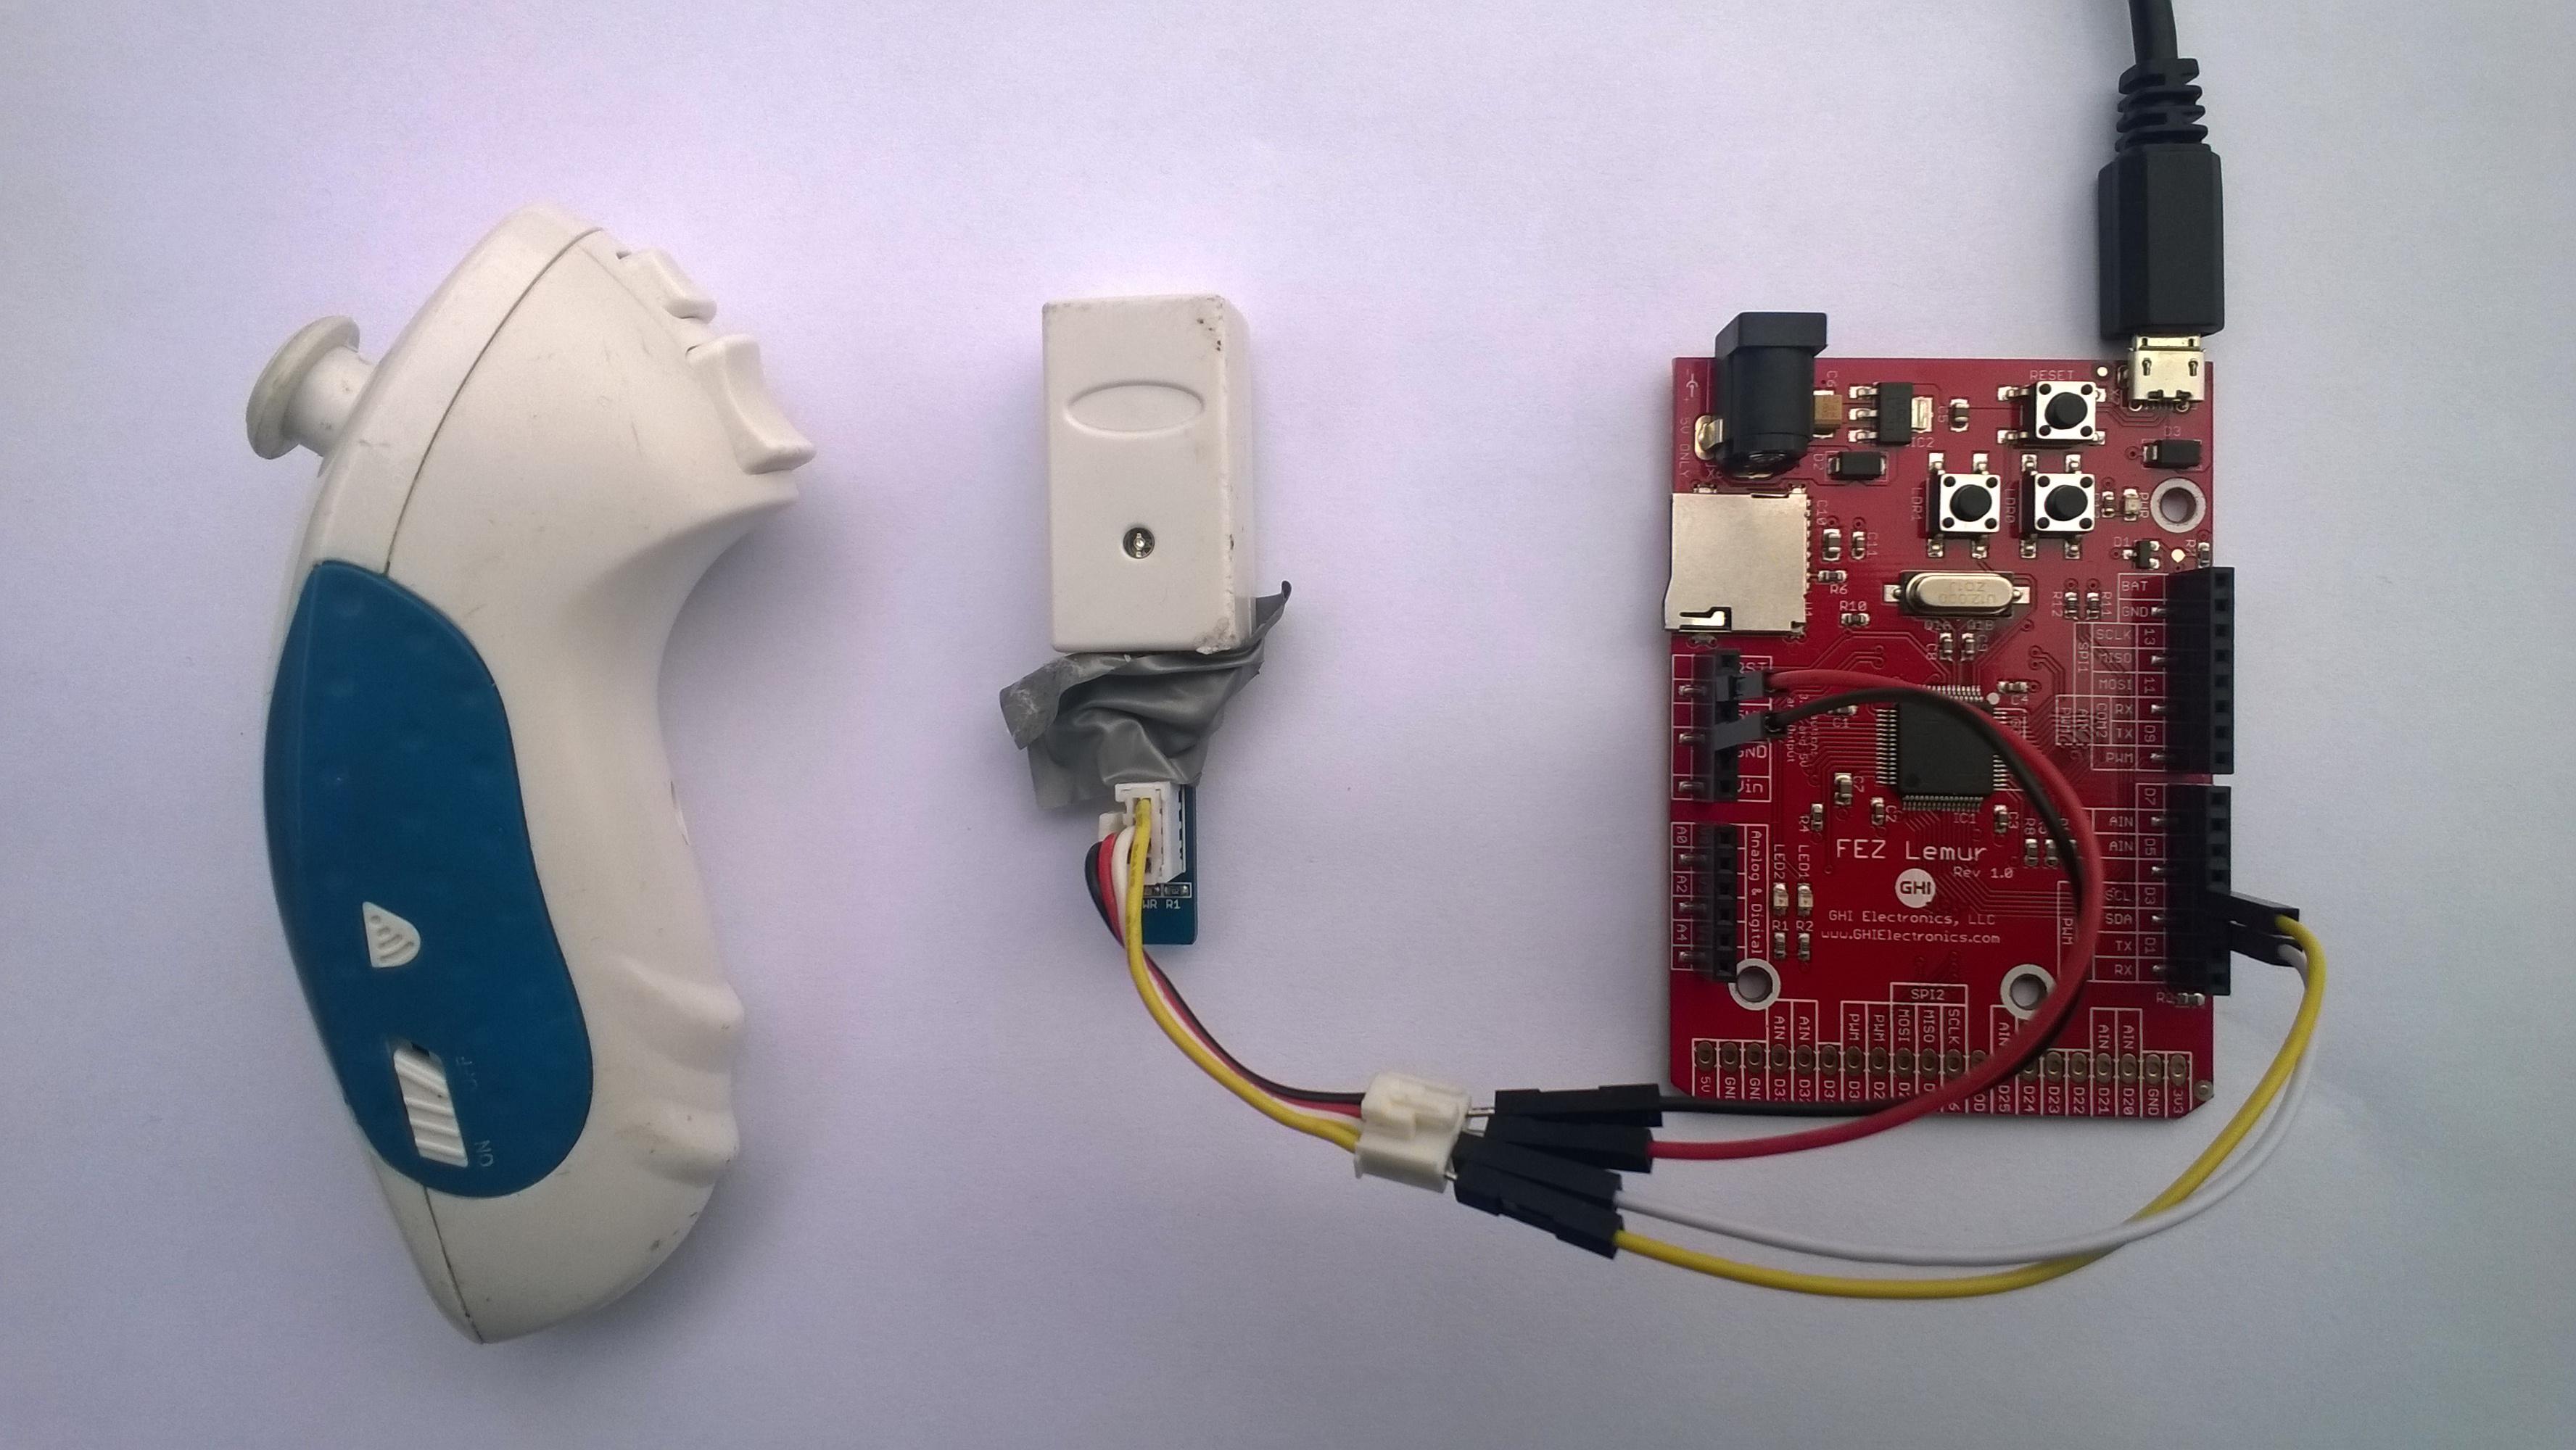 FEZ Lemur Wireless Wii NunChuck interface